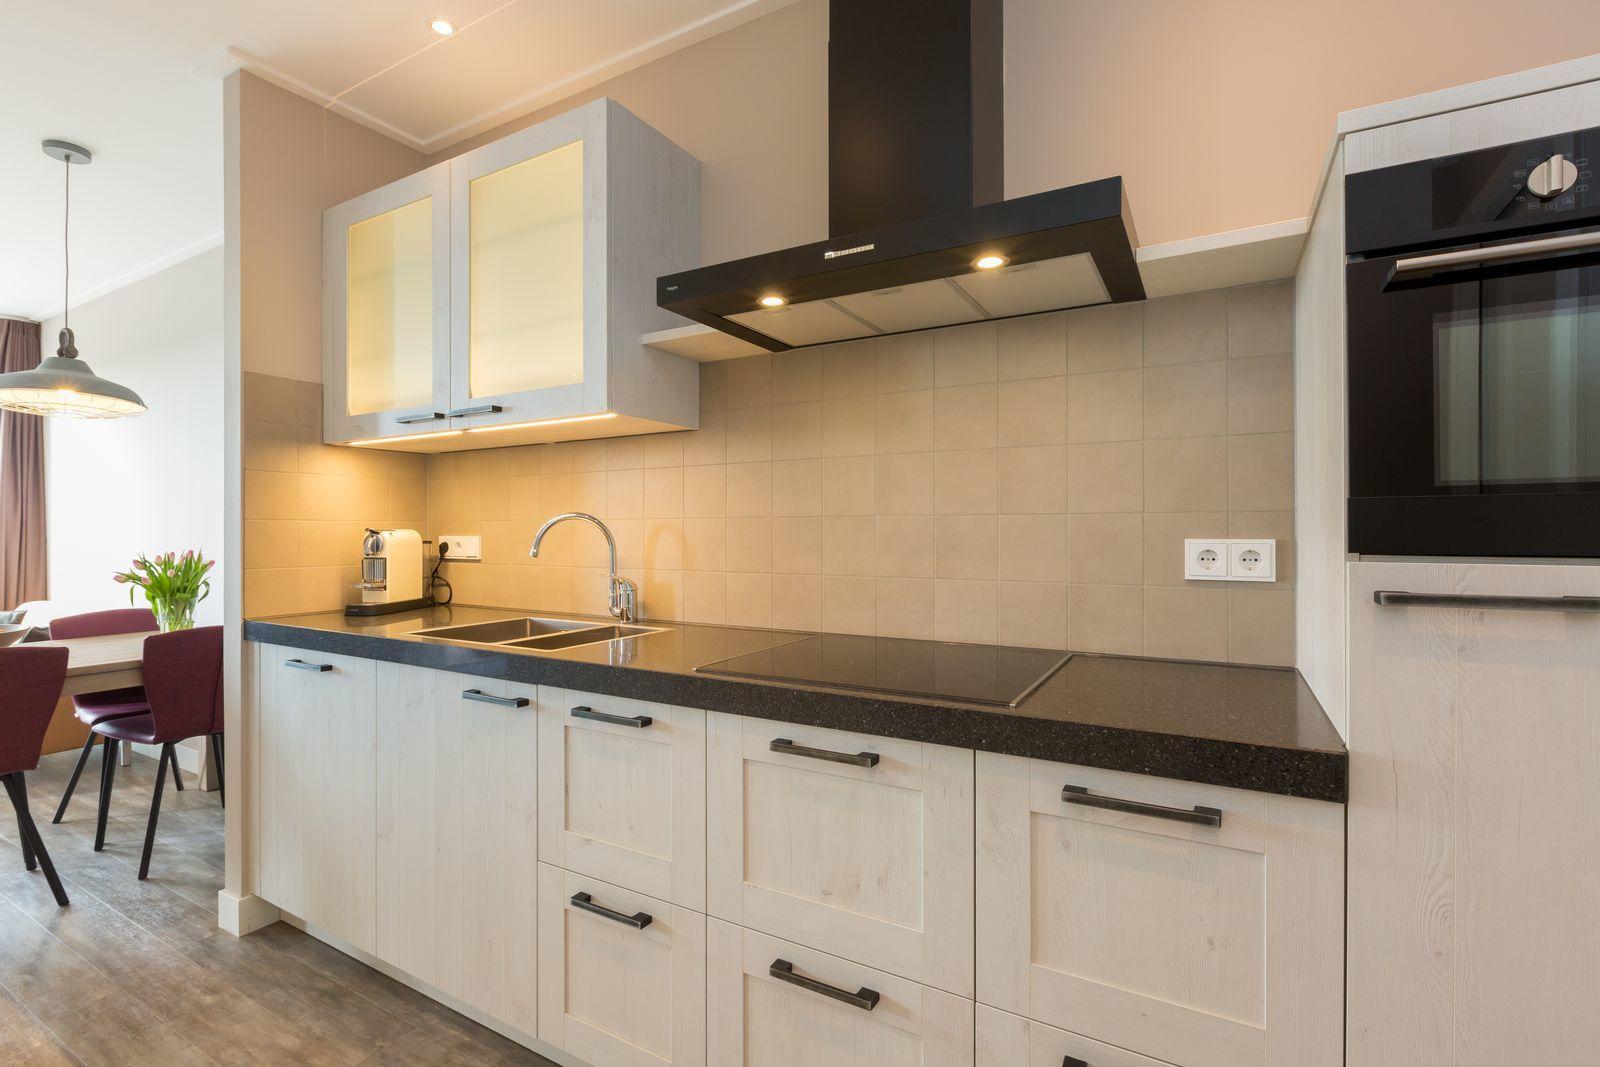 Apartment - Noordweg 56a | Oostkapelle Comfort 4* personen